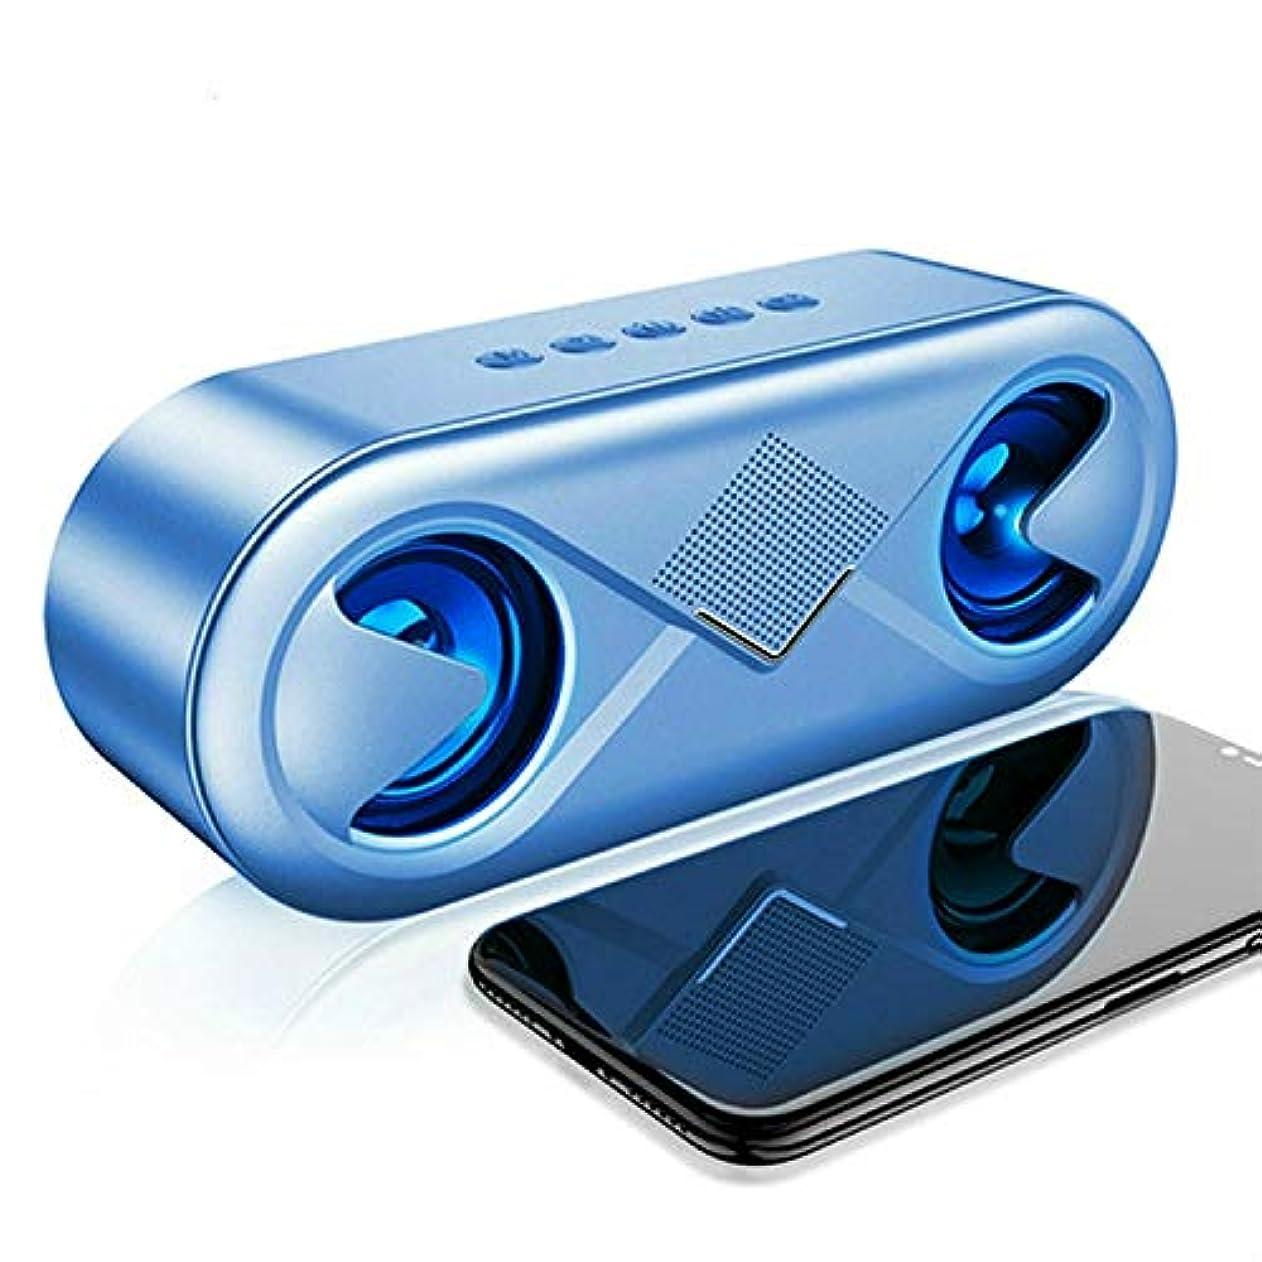 ギャンブルくるくるどちらもEryanone サポートTFカードAUX用のUSBフラッシュガンLED(BLACK)とハンズフリー新しい、S6 10WポータブルのBluetooth 5.0ワイヤレス立体音響?バッソハイファイスピーカー (色 : BLUE)